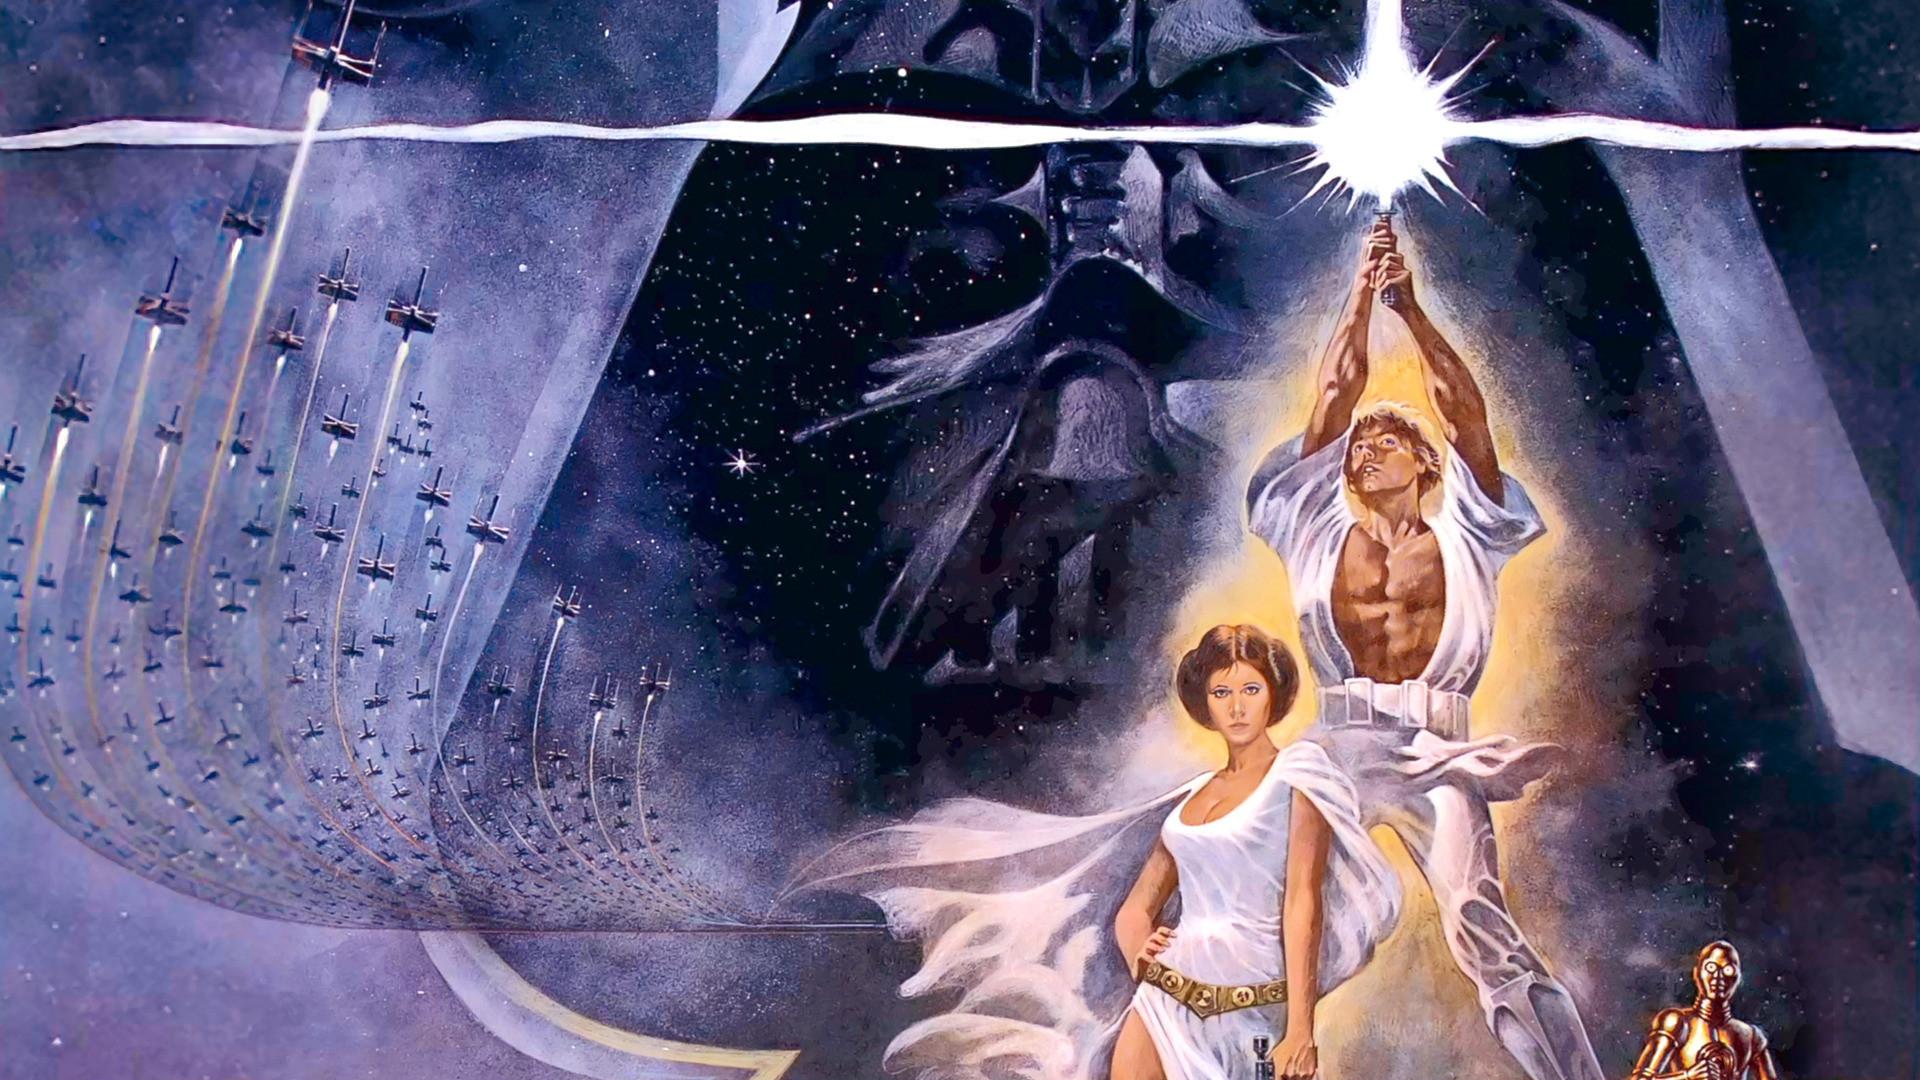 Filming On Star Wars Episode VII Is Underway Casting